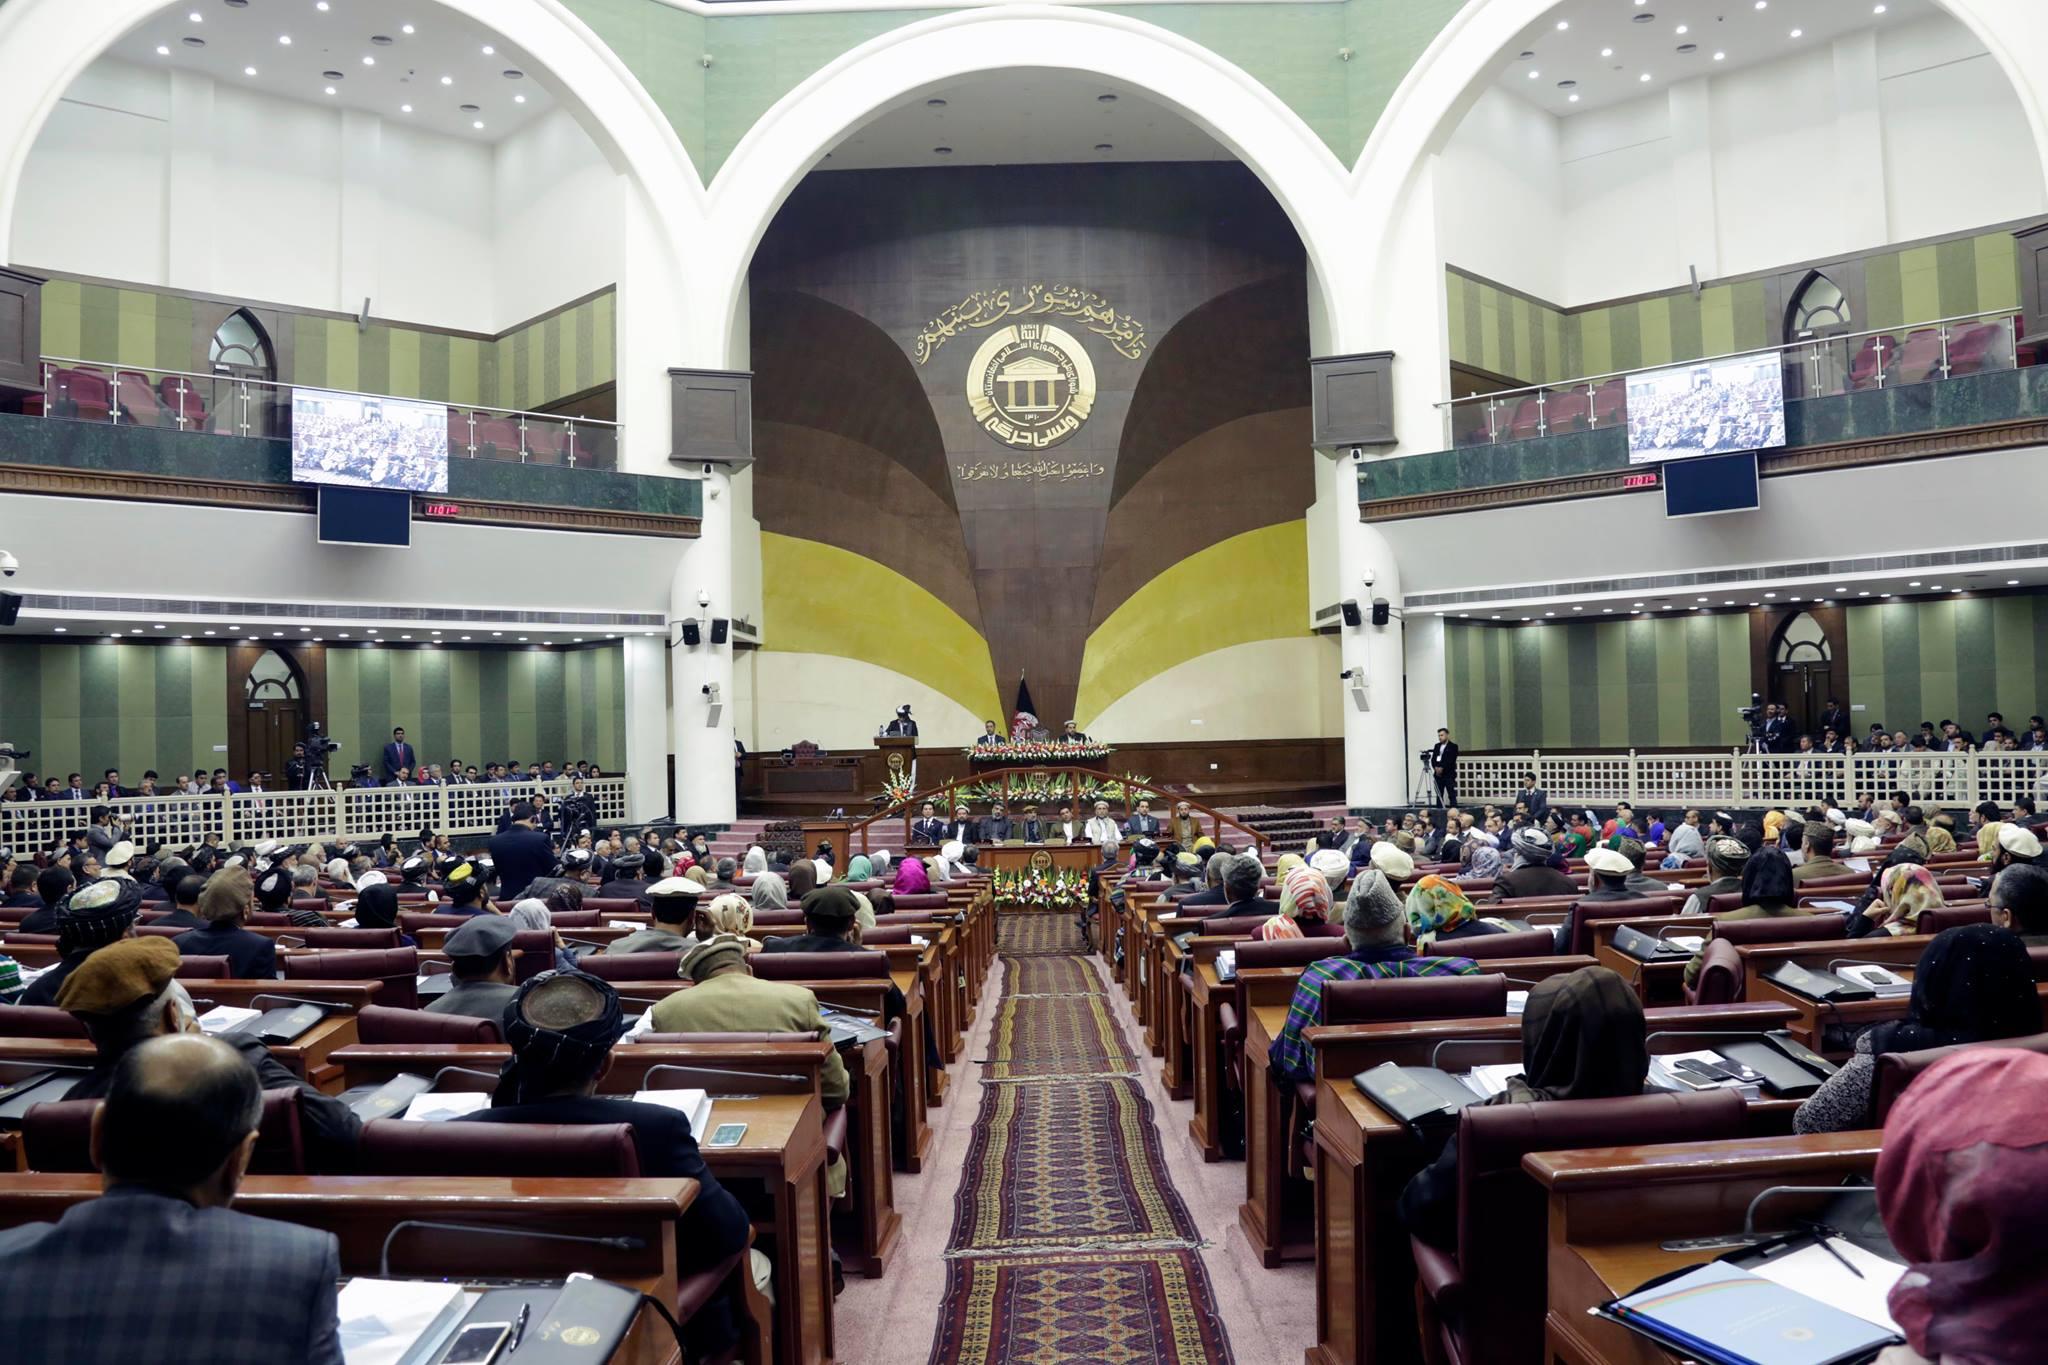 مجلس افغانستان: روند صلح آمریکایی هیچ منفعتی نداشته است